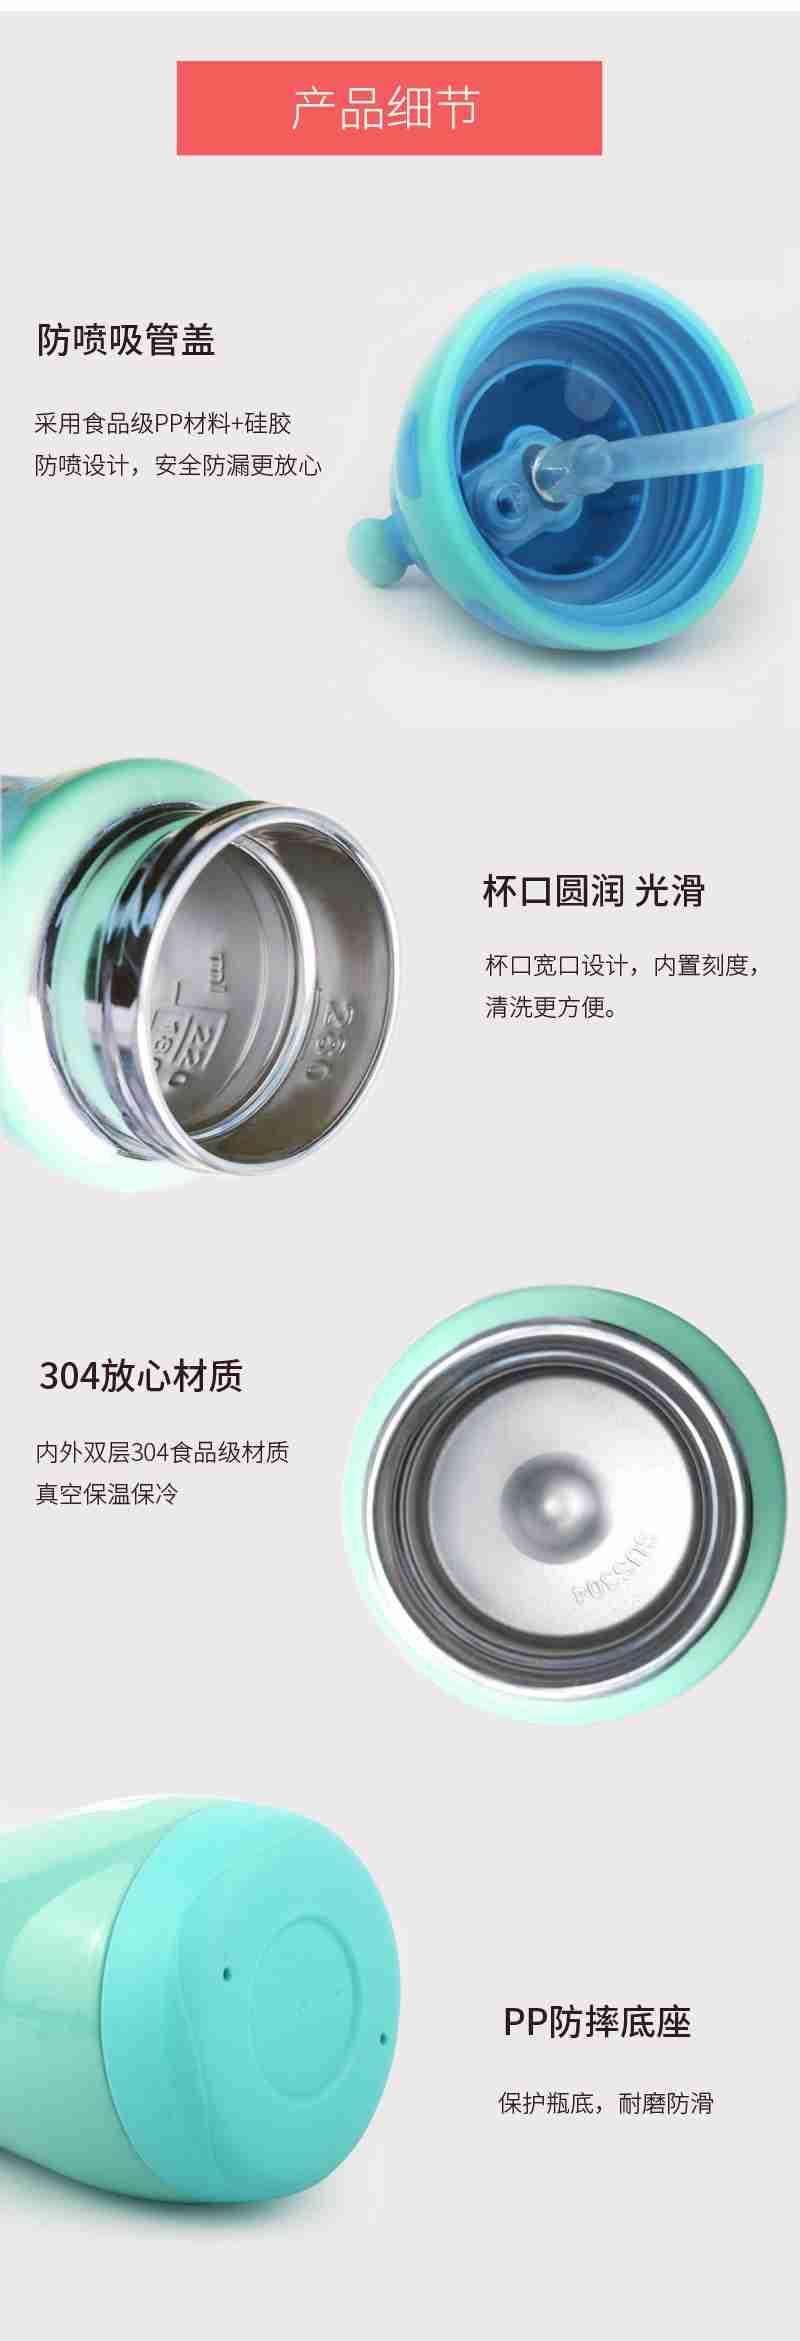 双层304不锈钢吸管杯